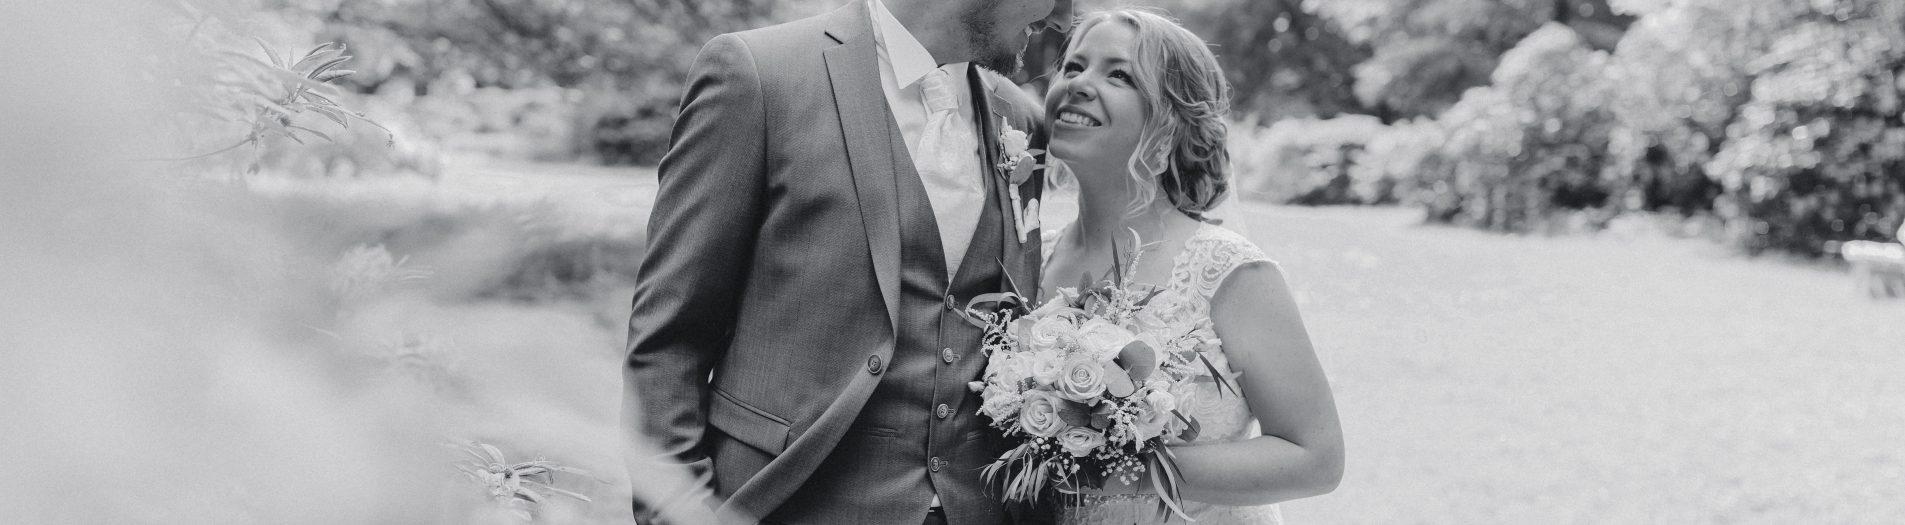 Melanie & Stefan - Hochzeit